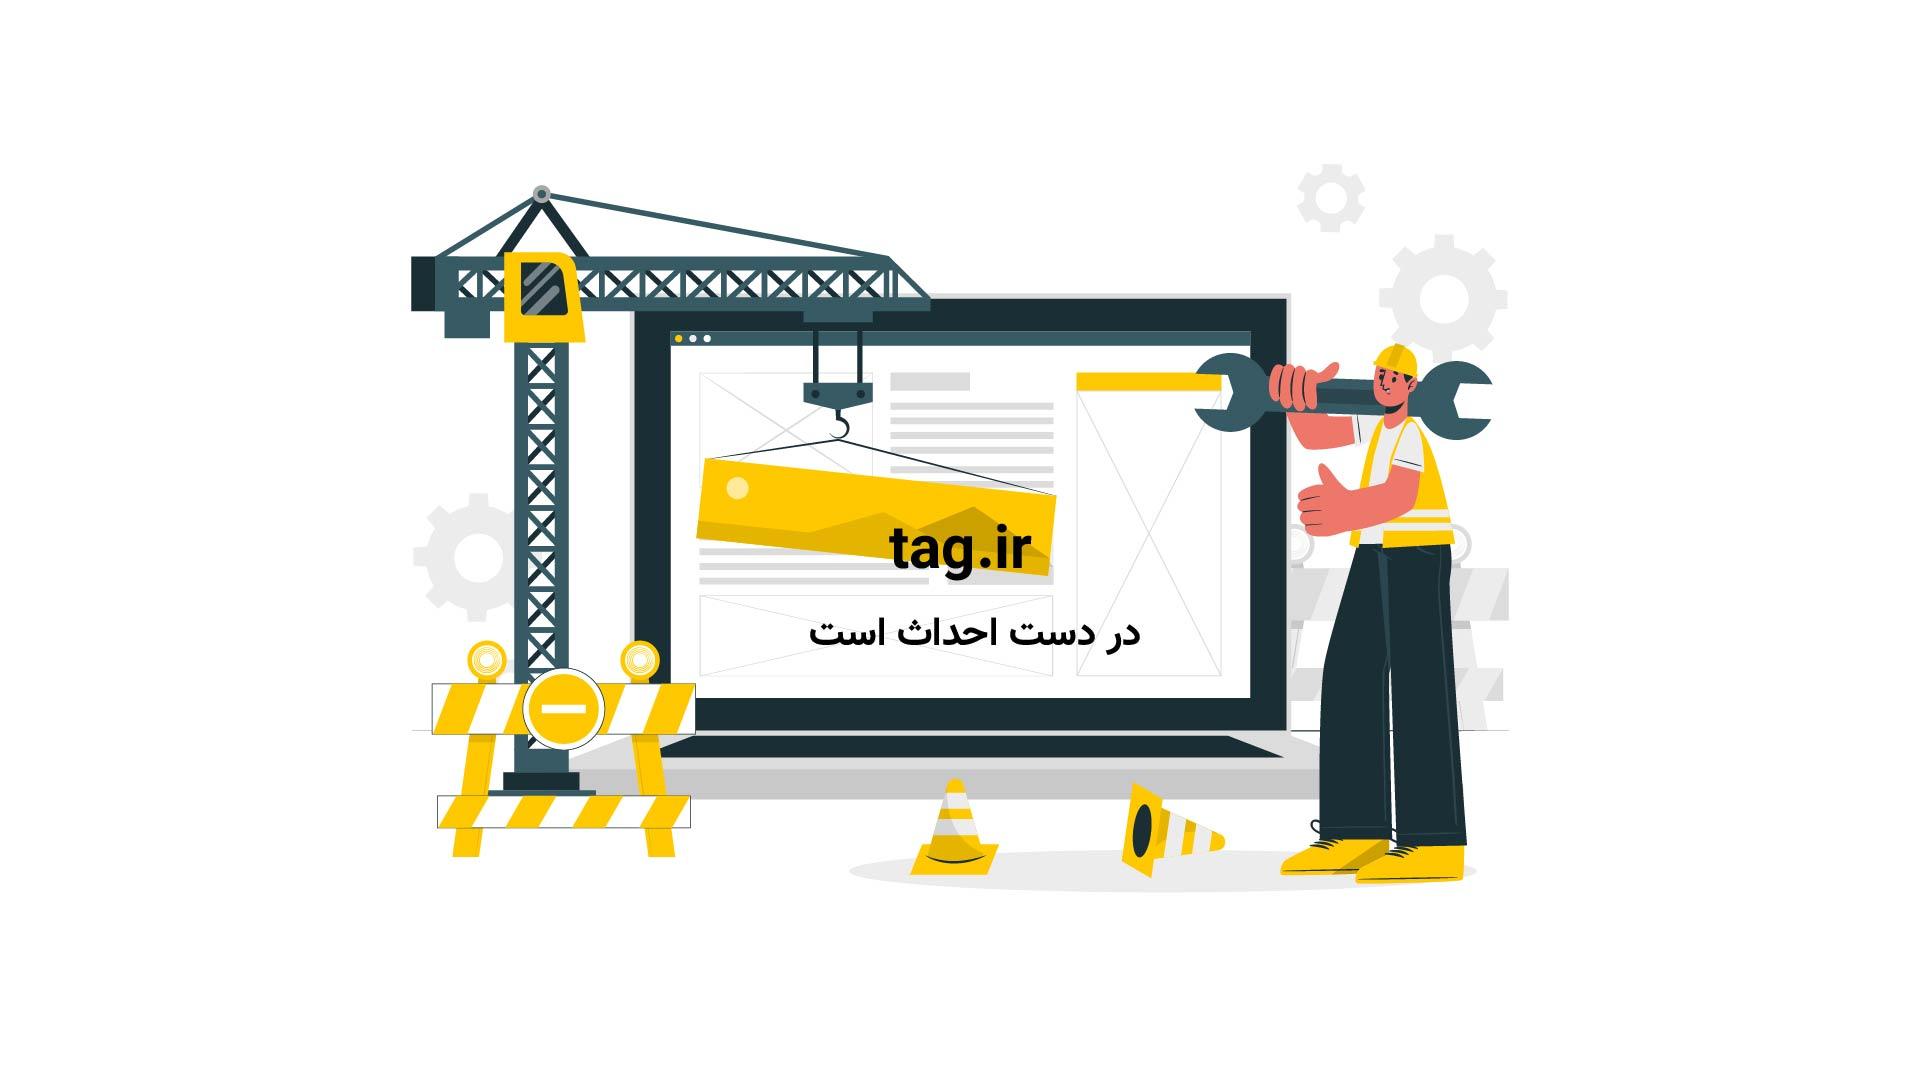 دروازه تهران | تگ